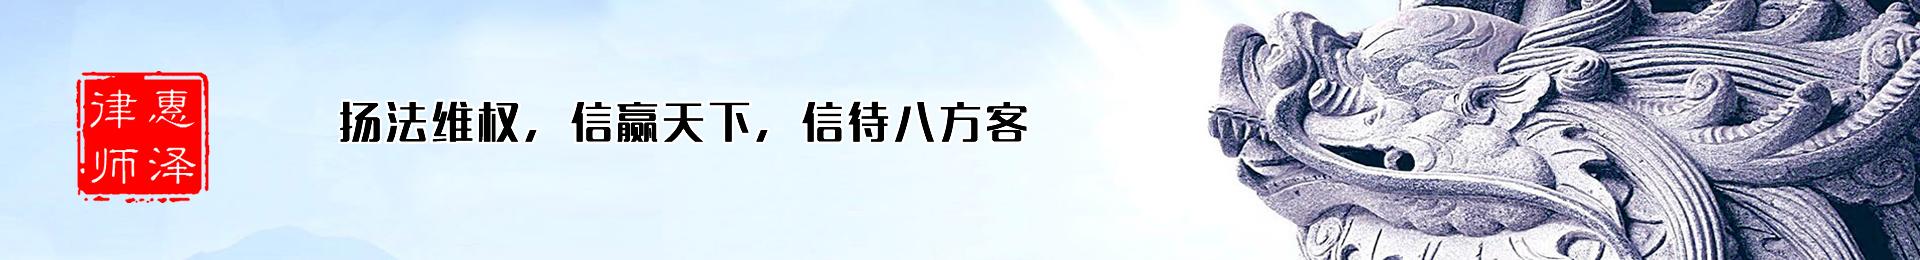 咸阳律师事务所联系电话